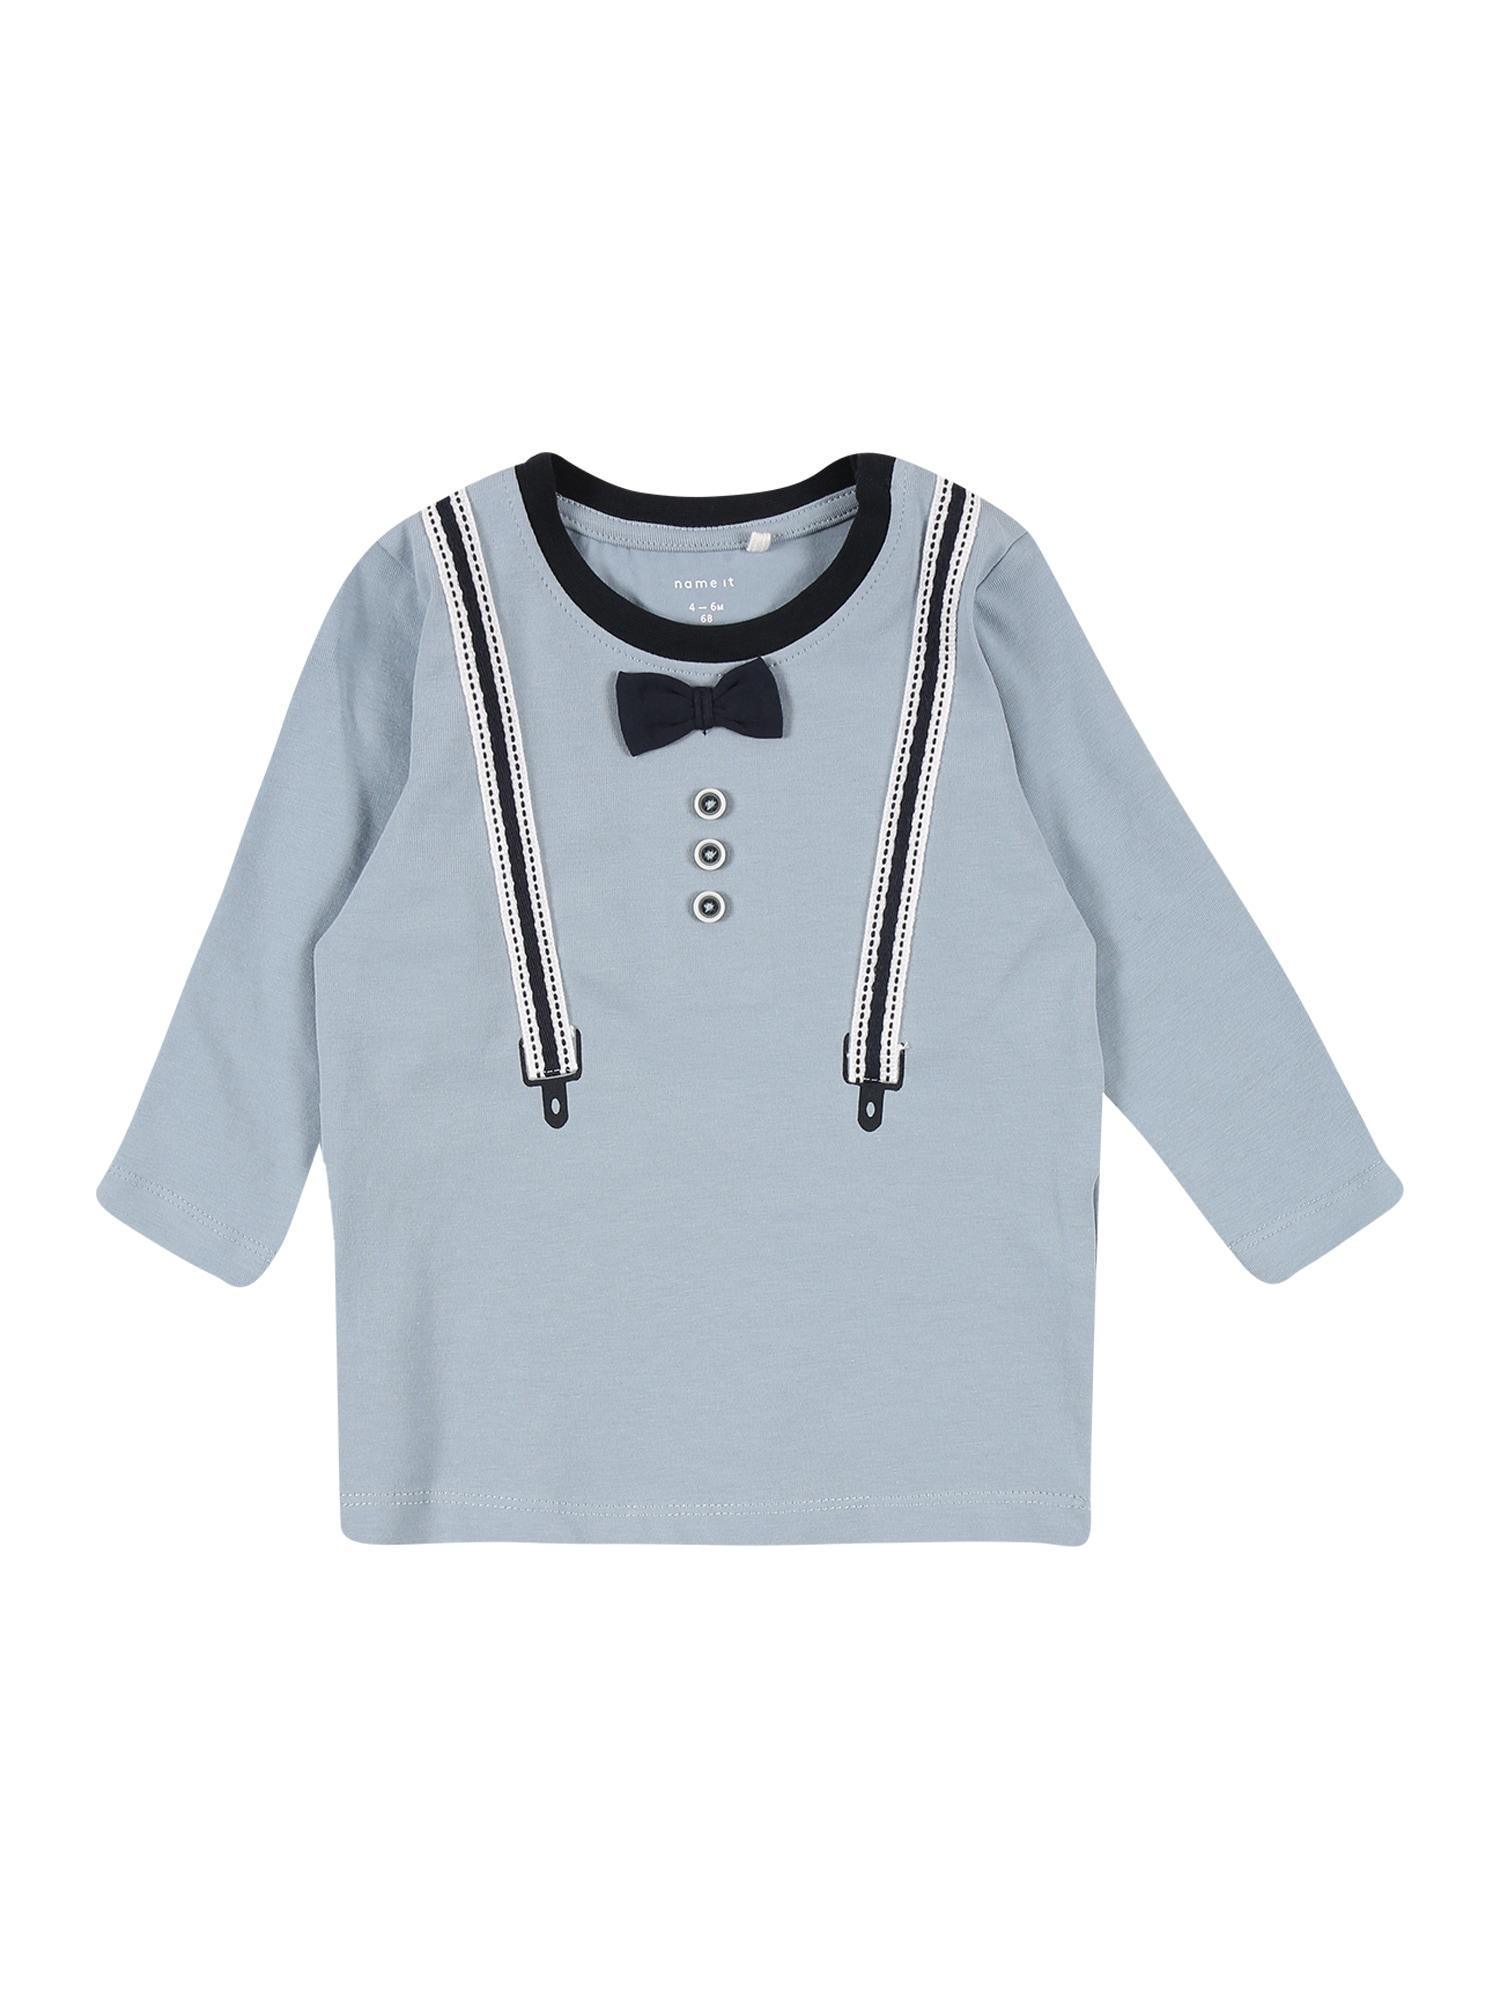 NAME IT Marškinėliai dangaus žydra / tamsiai mėlyna / balta